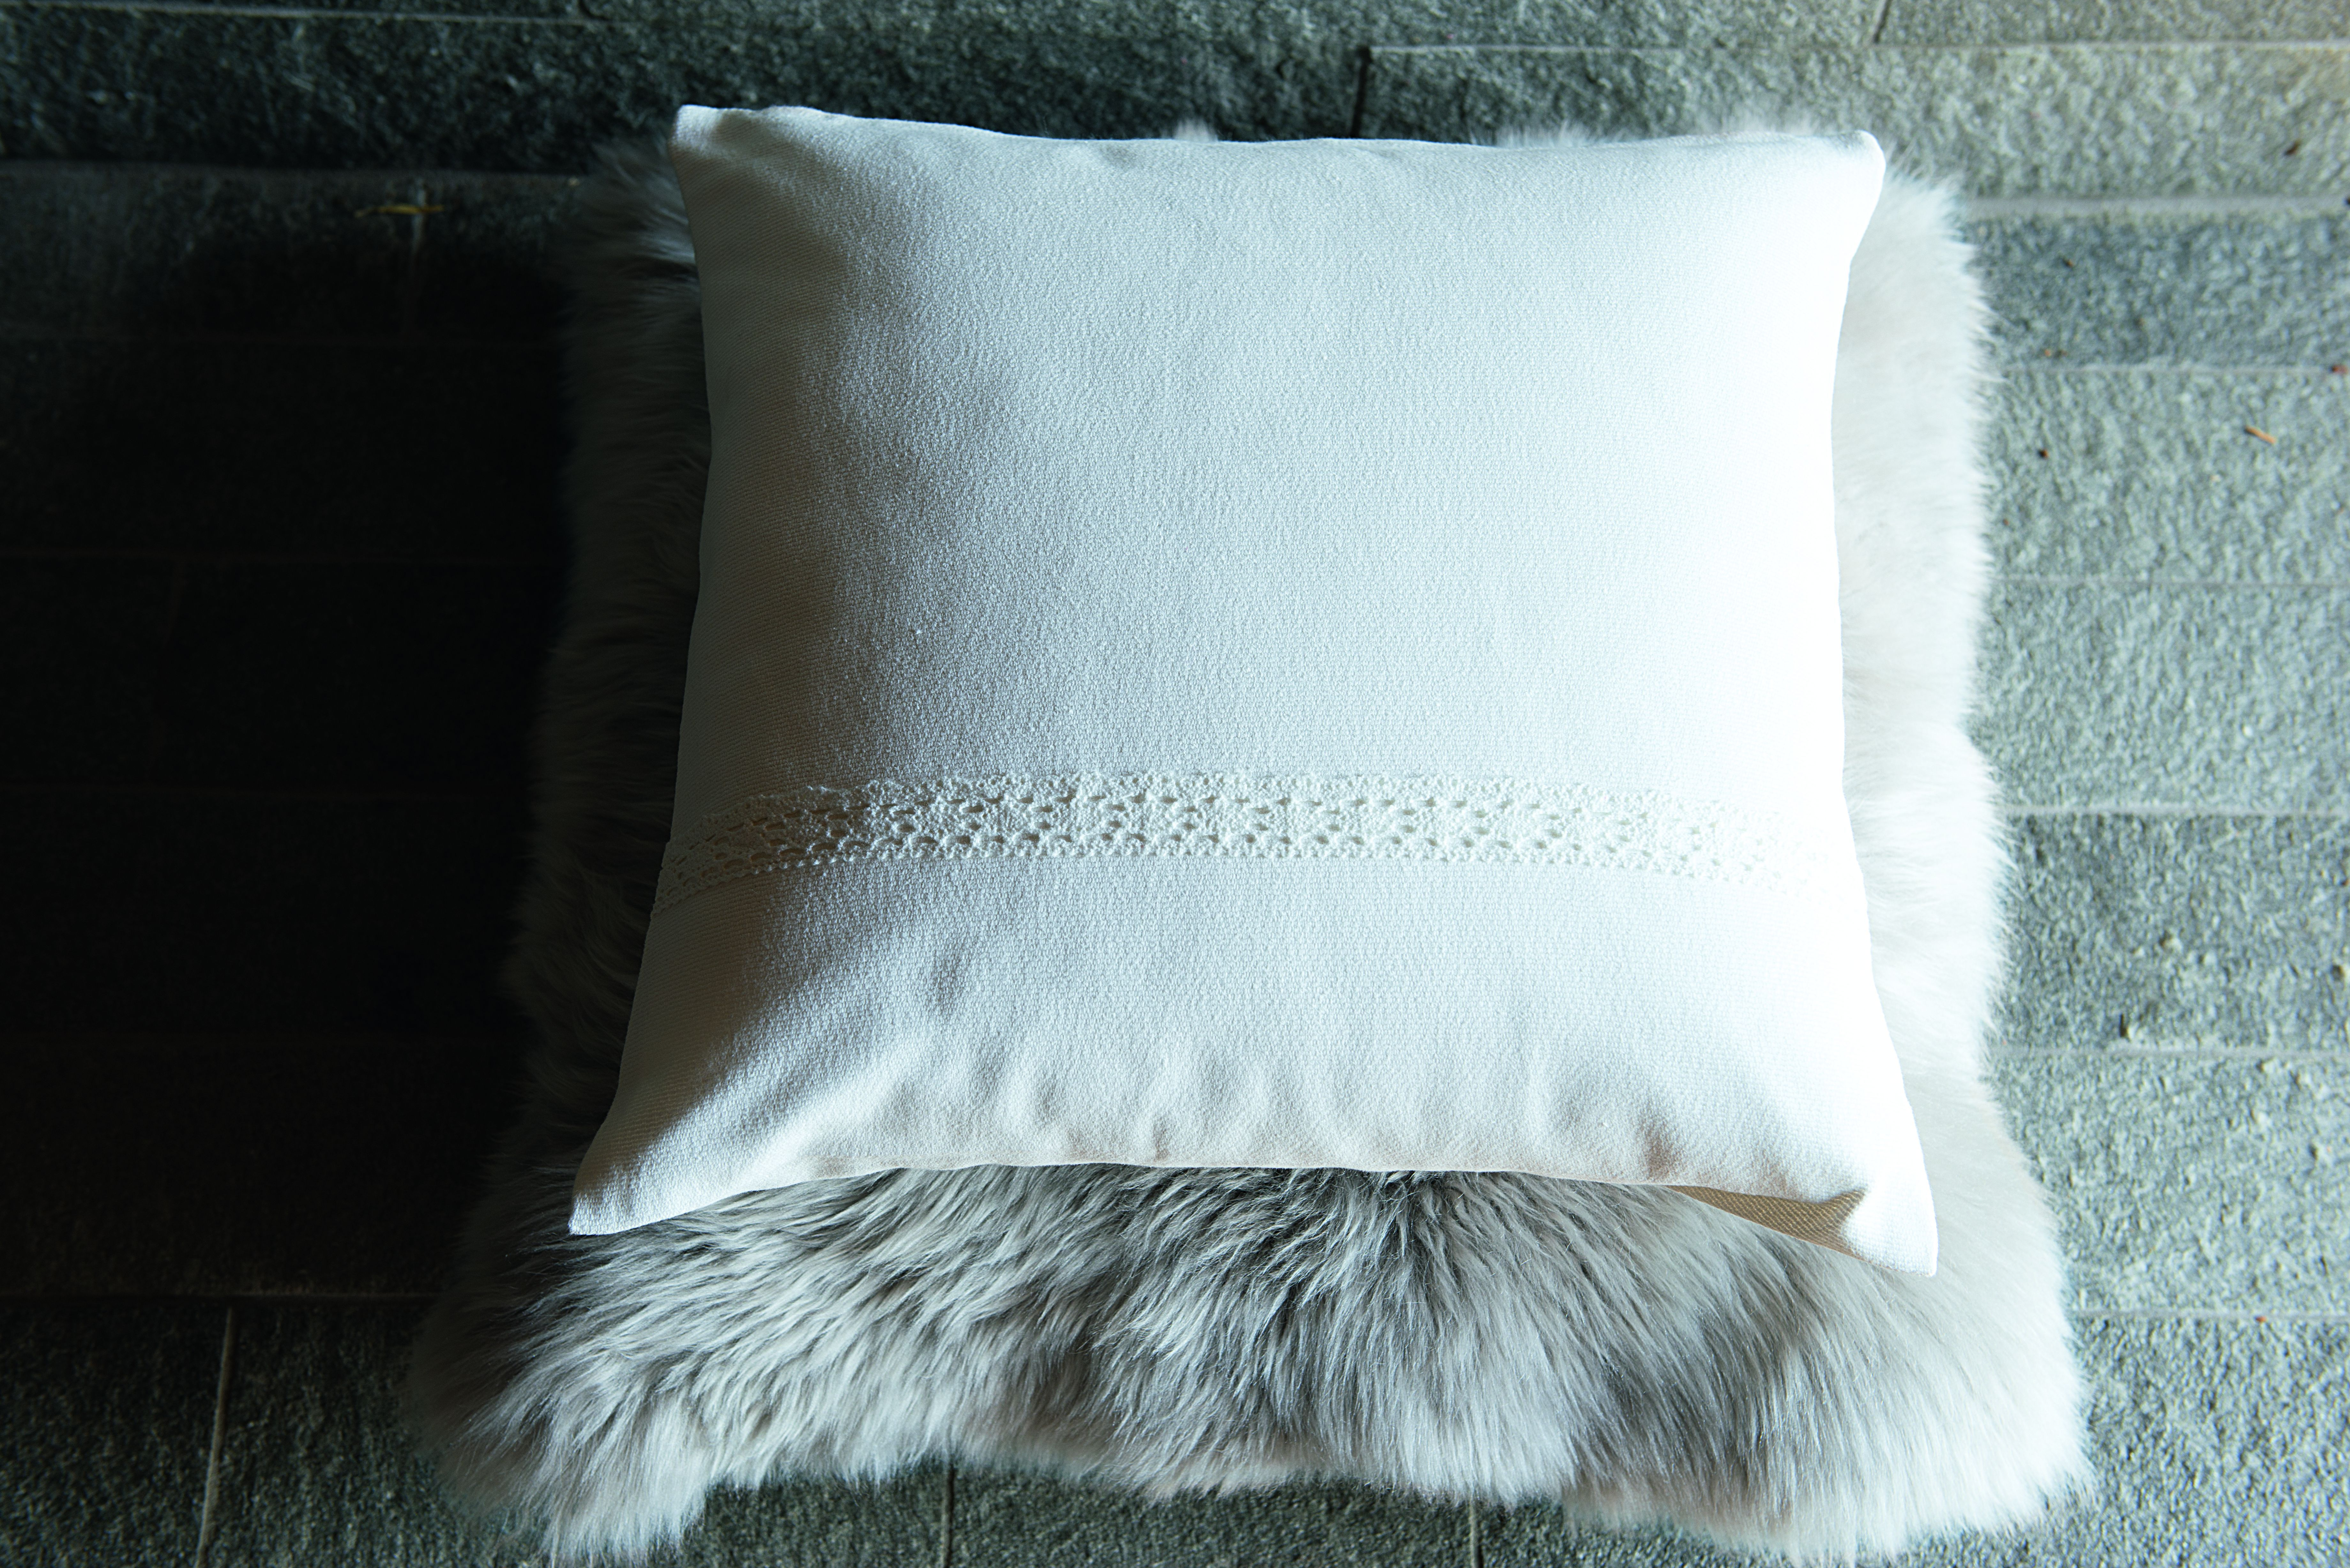 ikea sterreich chalet skold kissenbezug textilien gem tlich winter landhausstil h tte. Black Bedroom Furniture Sets. Home Design Ideas